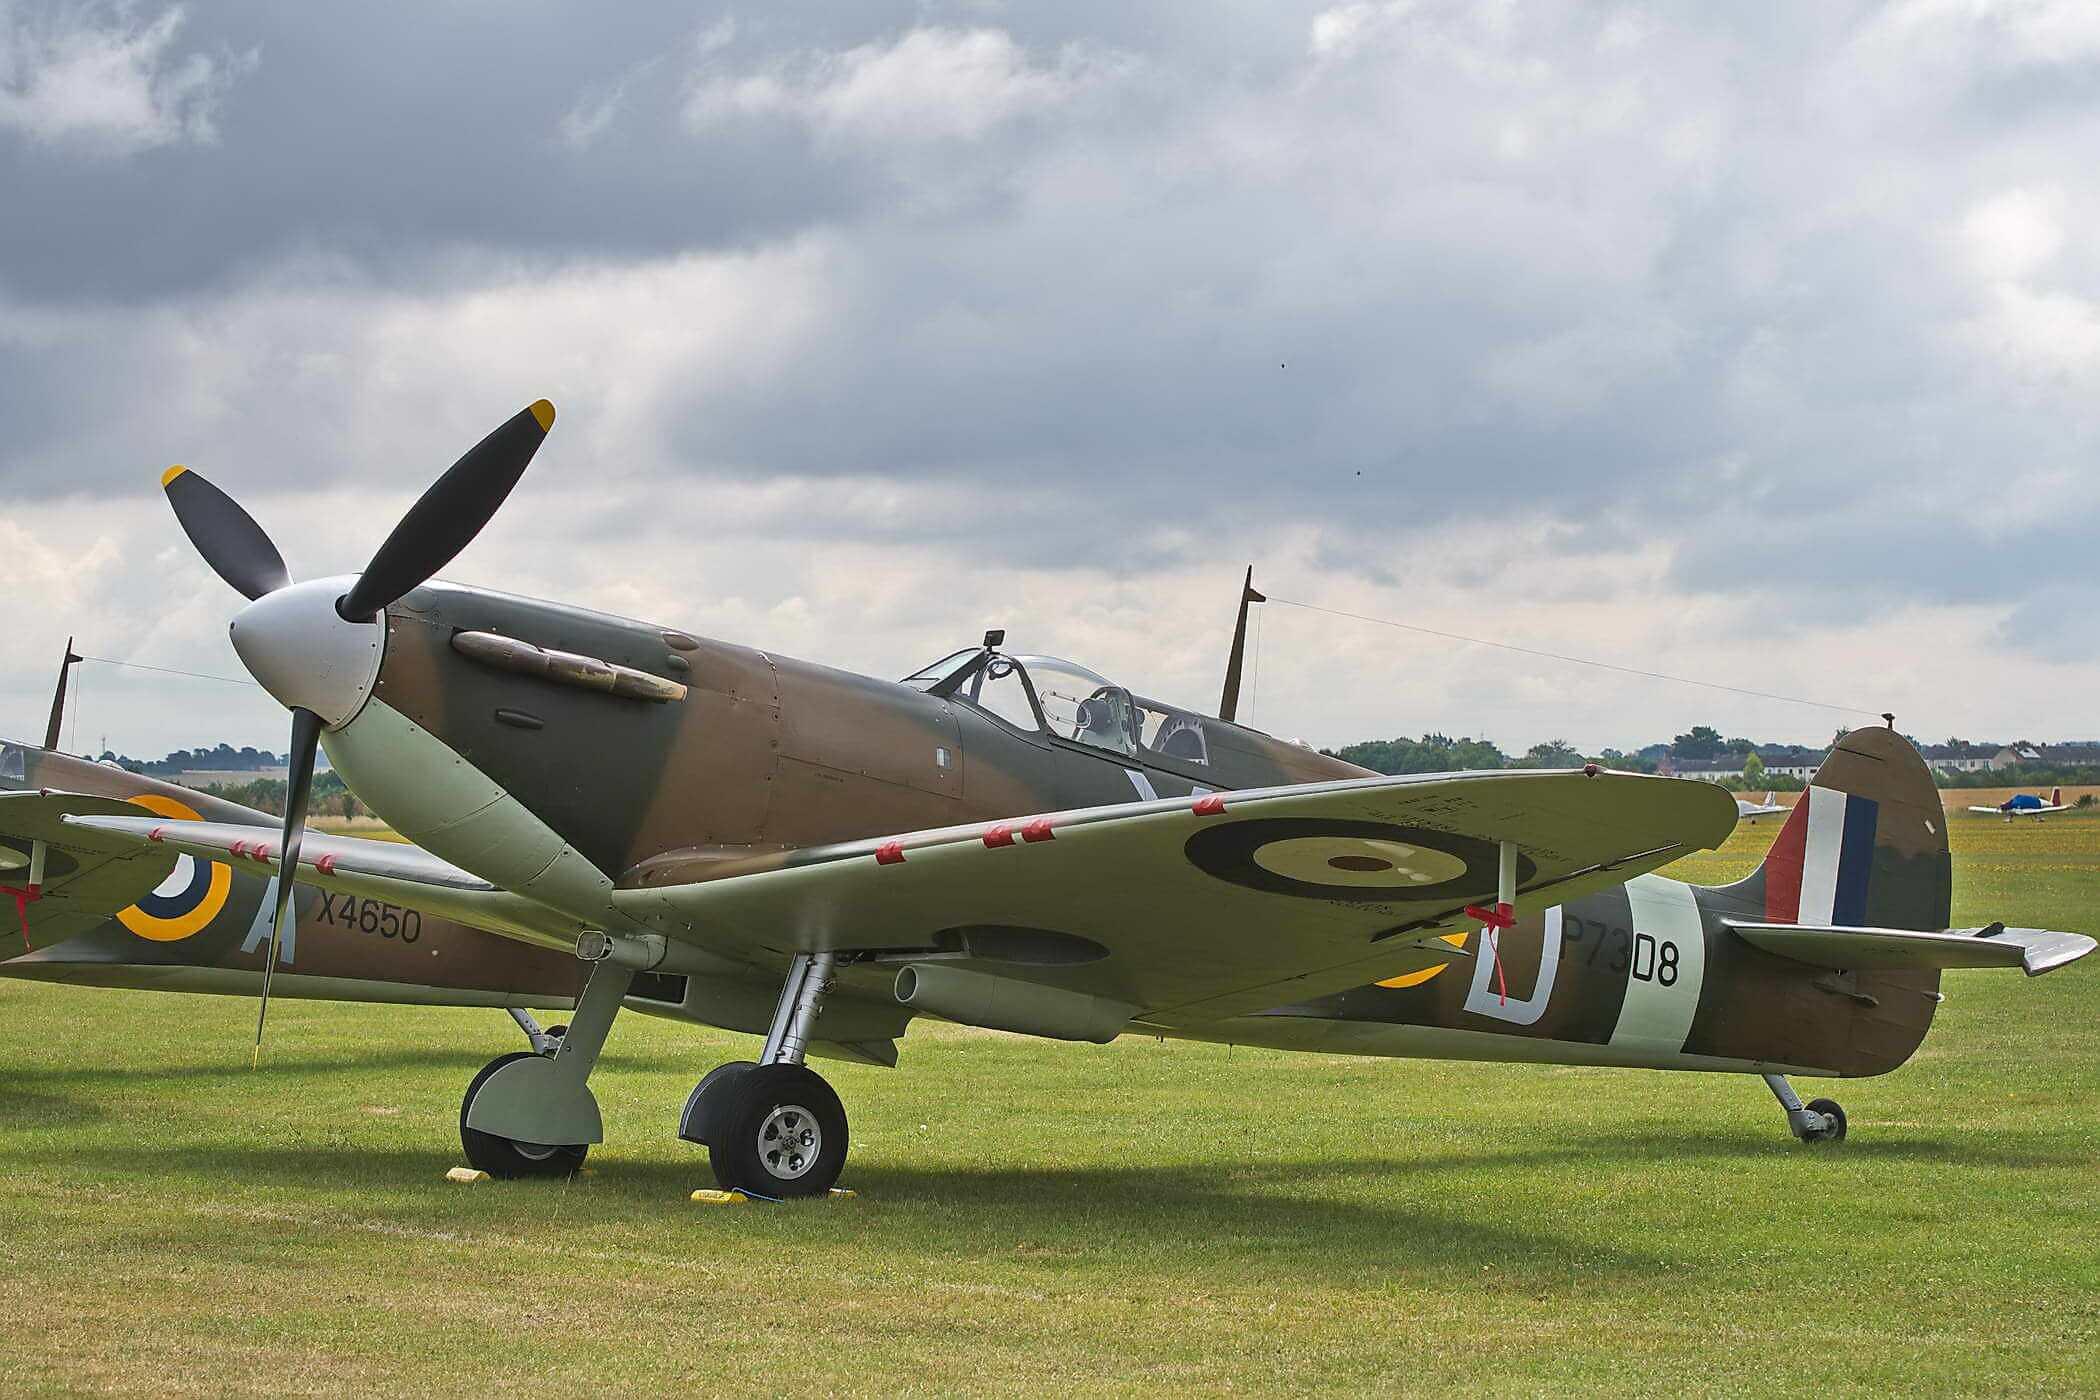 Spitfire Mk 1a, P7308